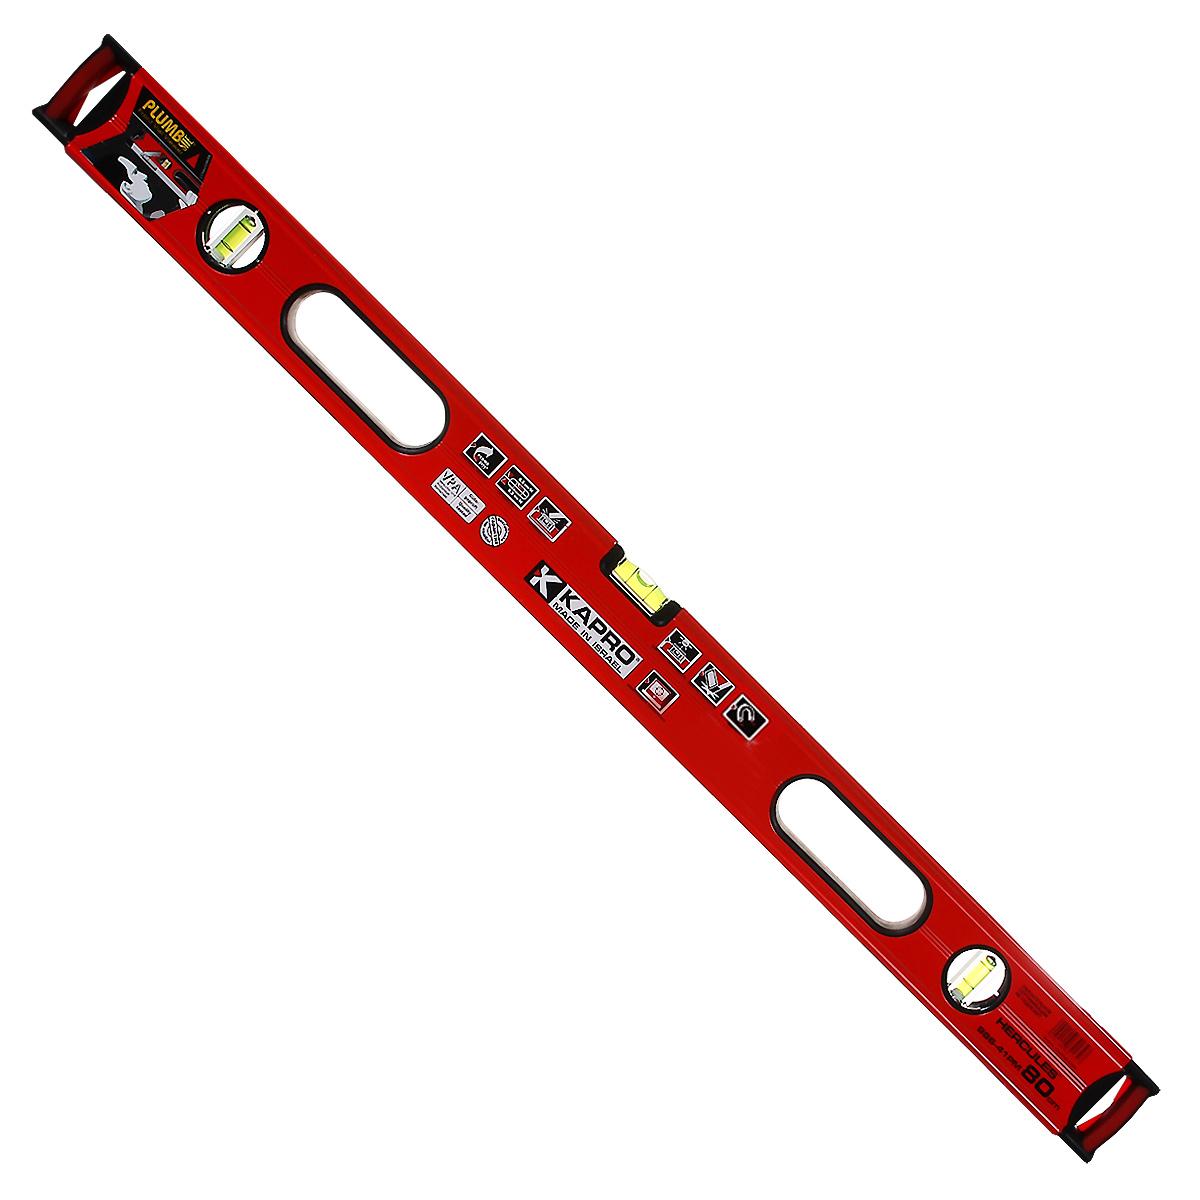 Уровень магнитный Kapro PlumbSite Hercules, 3 колбы, 80 см986-41-80РМУровень Kapro PlumbSite Hercules используется при необходимости контроля горизонтальных и вертикальных плоскостей. Металлический корпус уровня обеспечивает долгий срок эксплуатации. Оснащен 3 колбами. Имеется магнит для фиксации на железном покрытии.